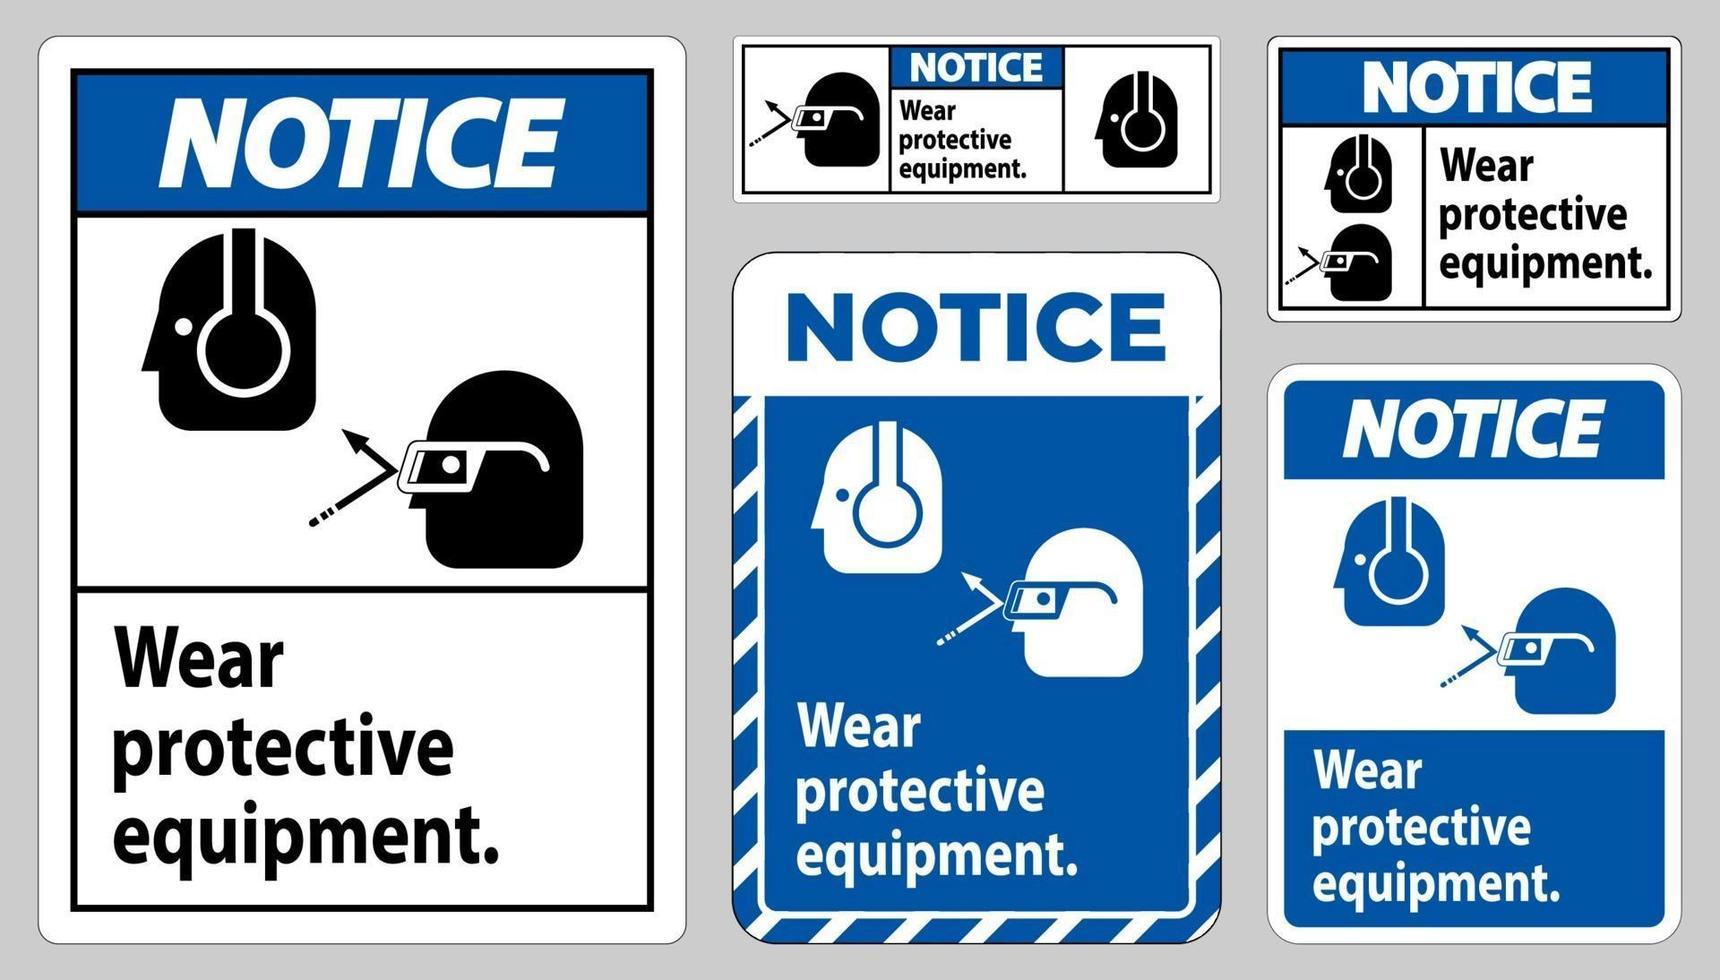 segno di avviso indossare dispositivi di protezione con occhiali e grafica di occhiali vettore